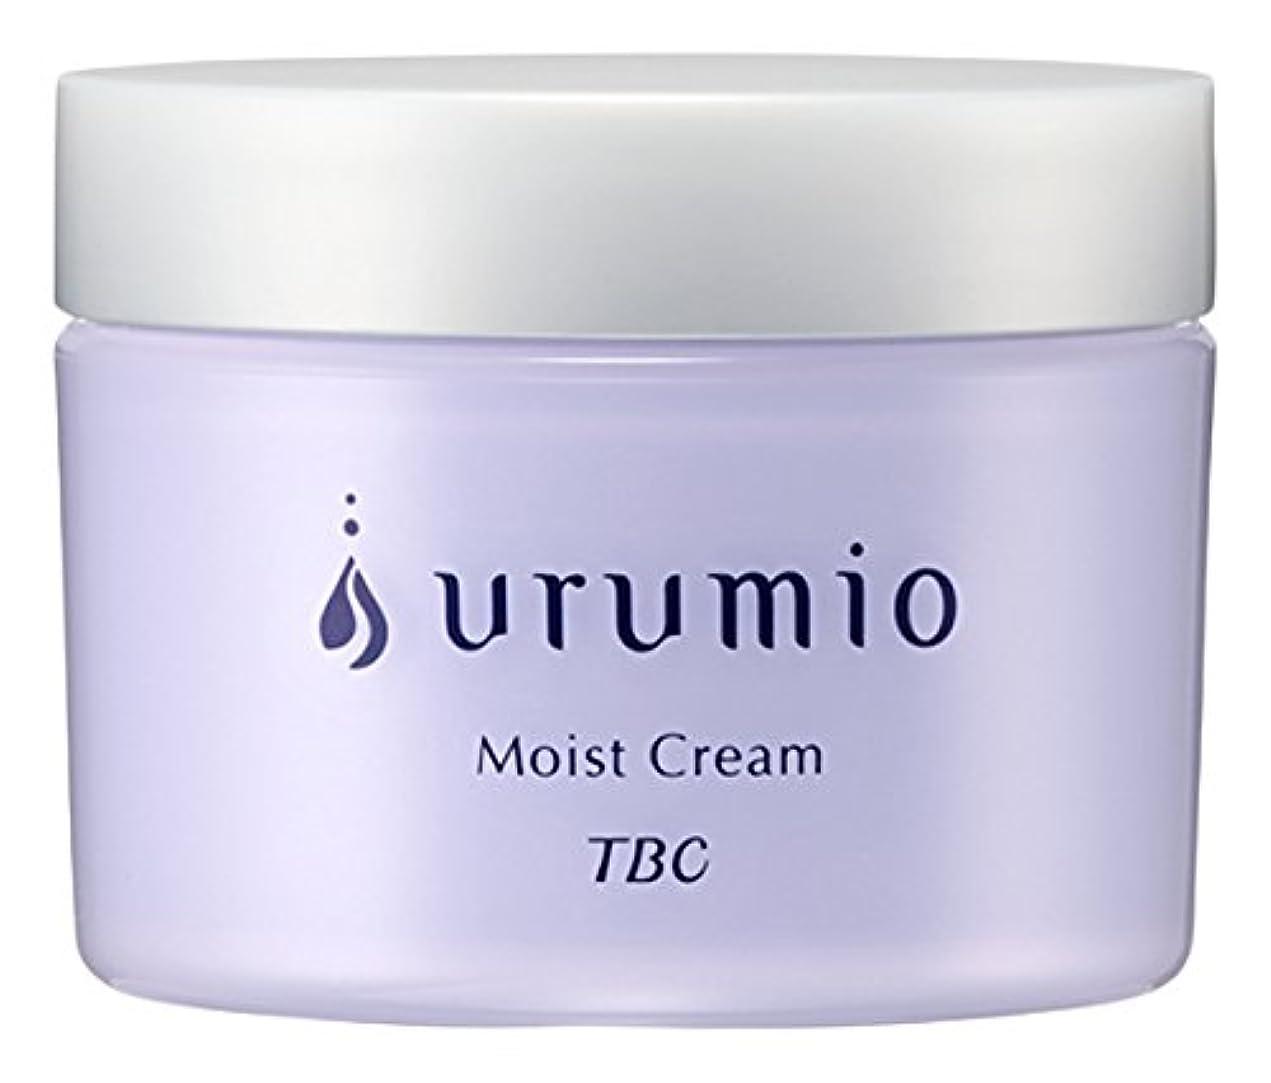 リングバック目指す順番TBC urumio ウルミオ モイストクリーム